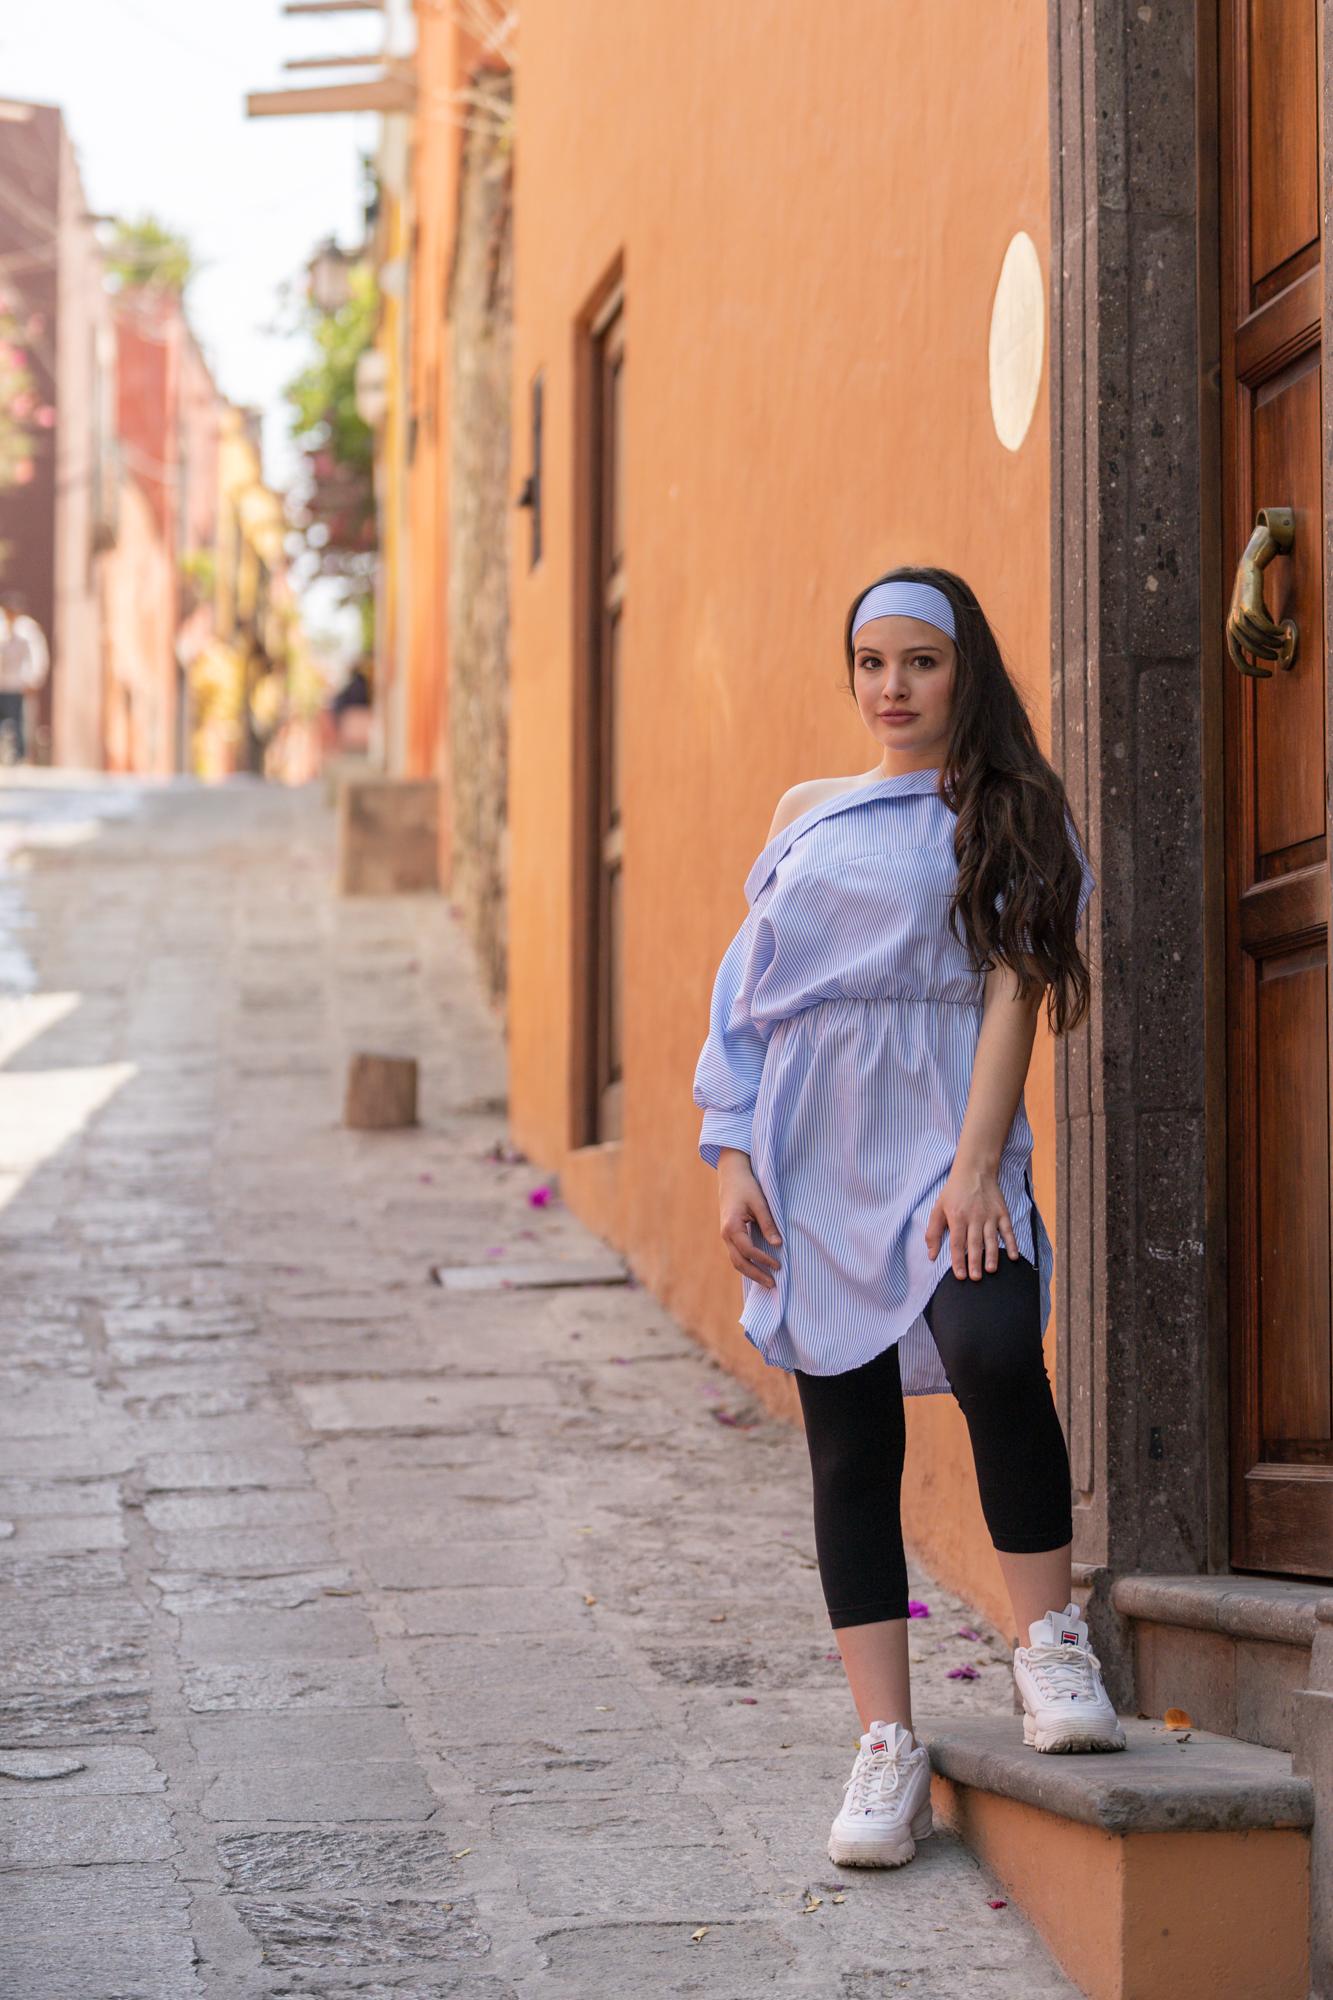 Sesion de Fotos en San Miguel de Allende con Rogelio y su Fmailia-51.jpg